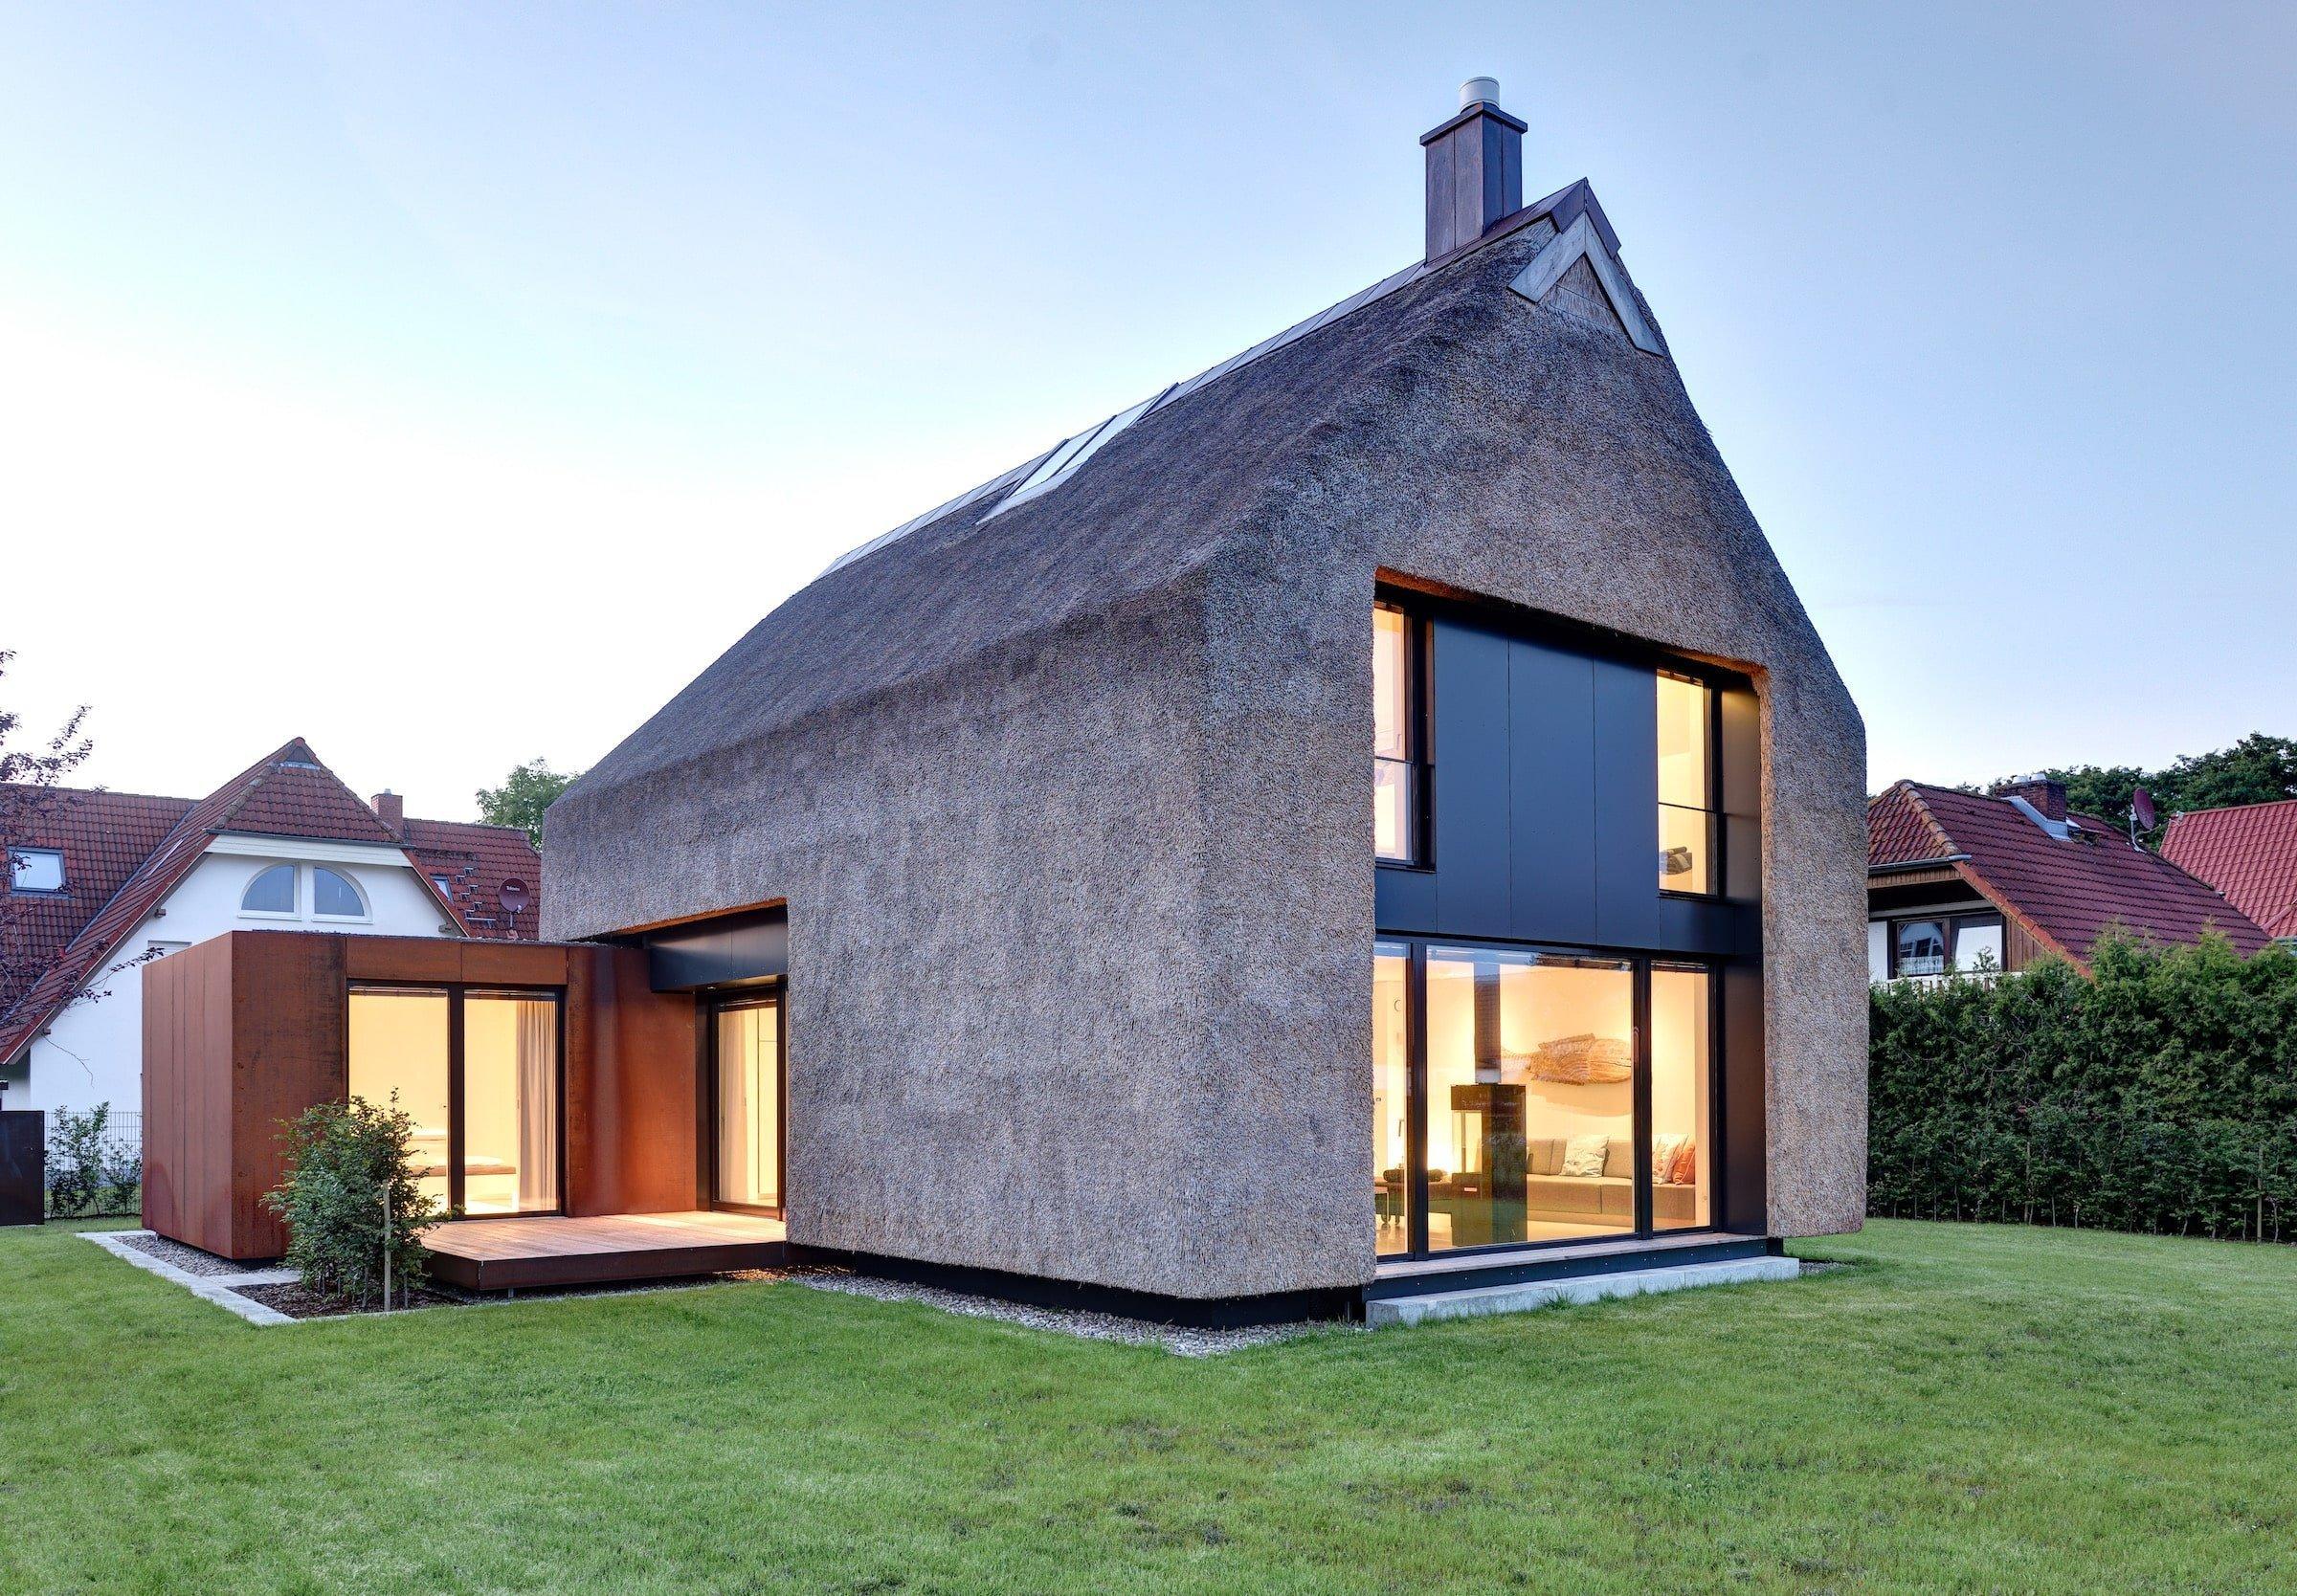 Rekreační dům nacházející se v letovisku Prerow u Baltského moře je moderním pojetím klasického rákosového domu. Jistě s námi budete souhlasit, když řekneme, že jde o místo naprosto ideální k trávení každé rodinné dovolené, ale i celoročnímu bydlení.